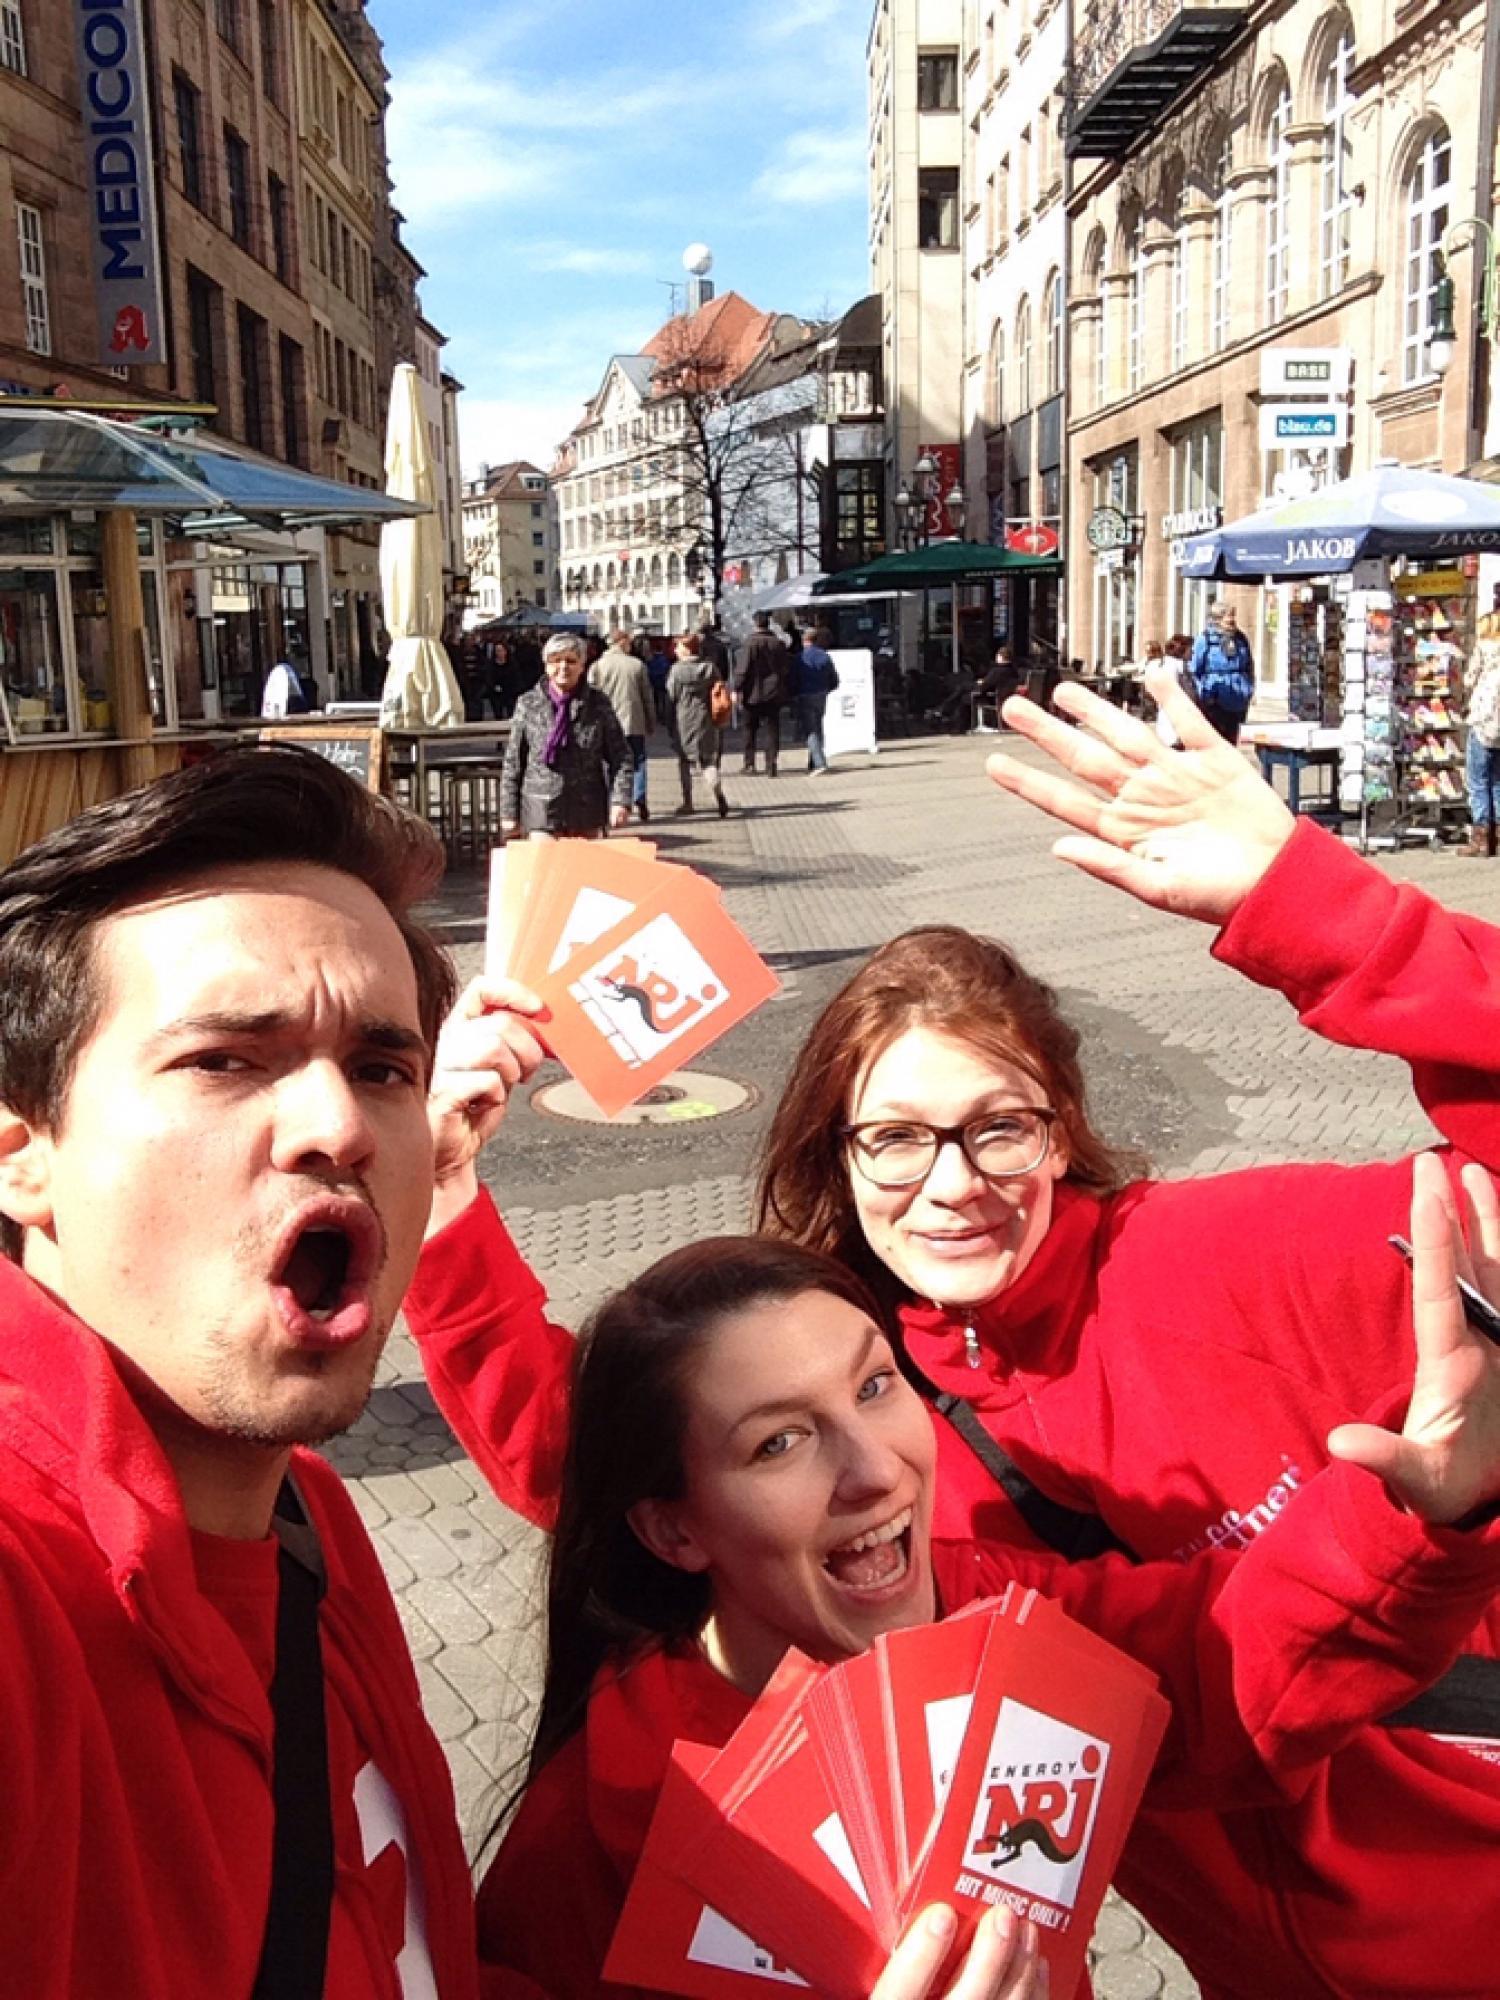 Flyer-verteilung in der Nürnberger City mit viel Spaß und Action.